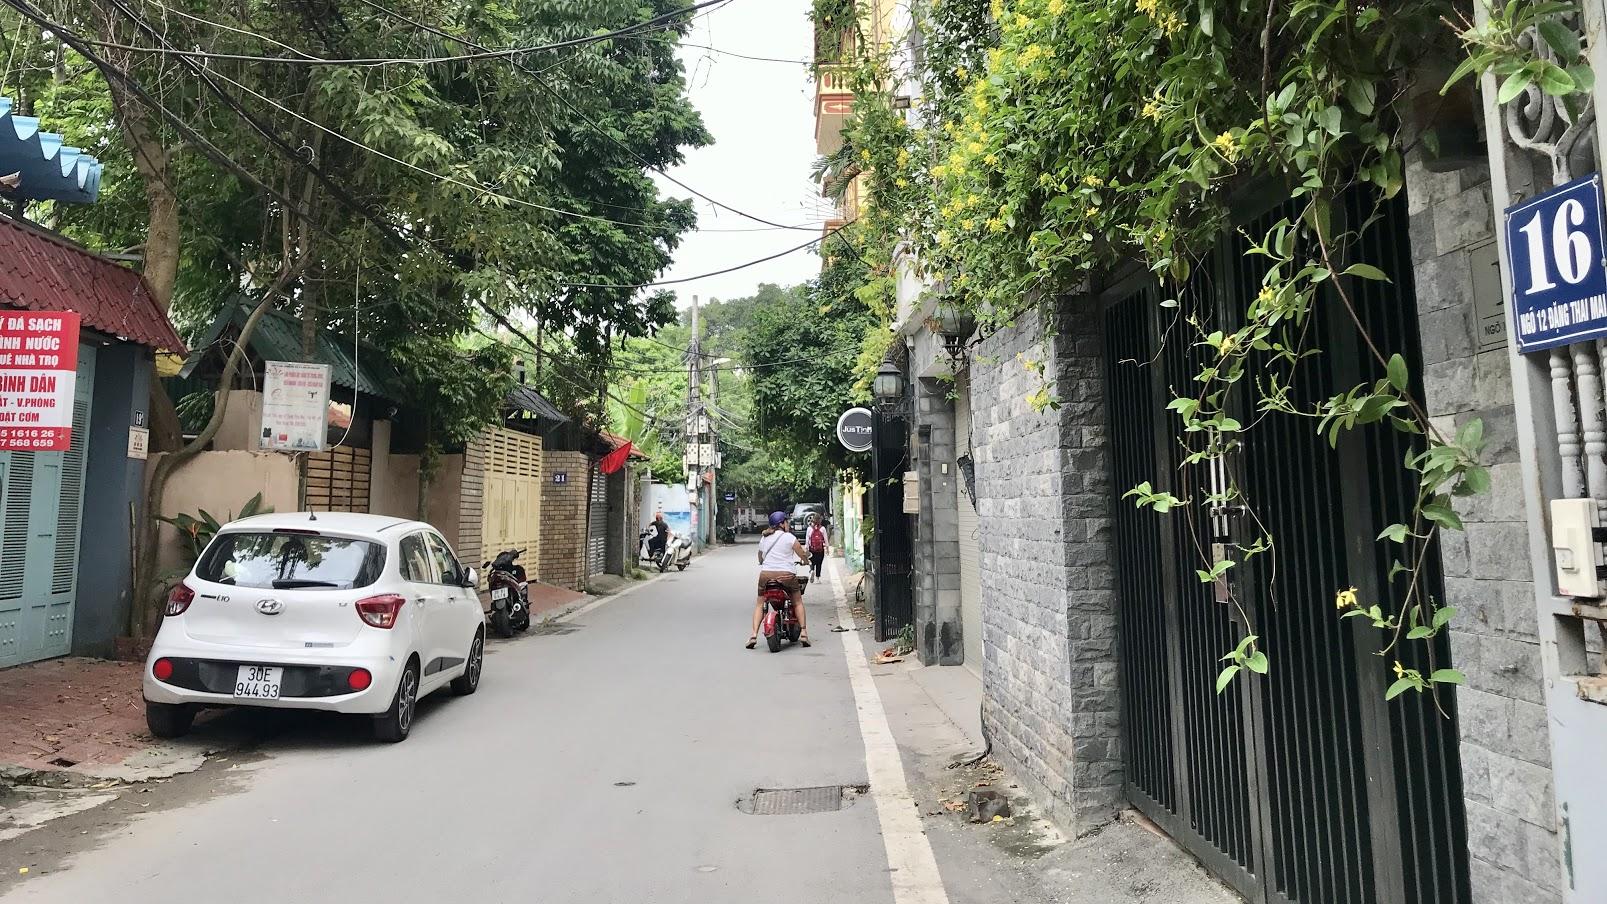 Đất dính qui hoạch ở phường Quảng An, Tây Hồ, Hà Nội - Ảnh 8.